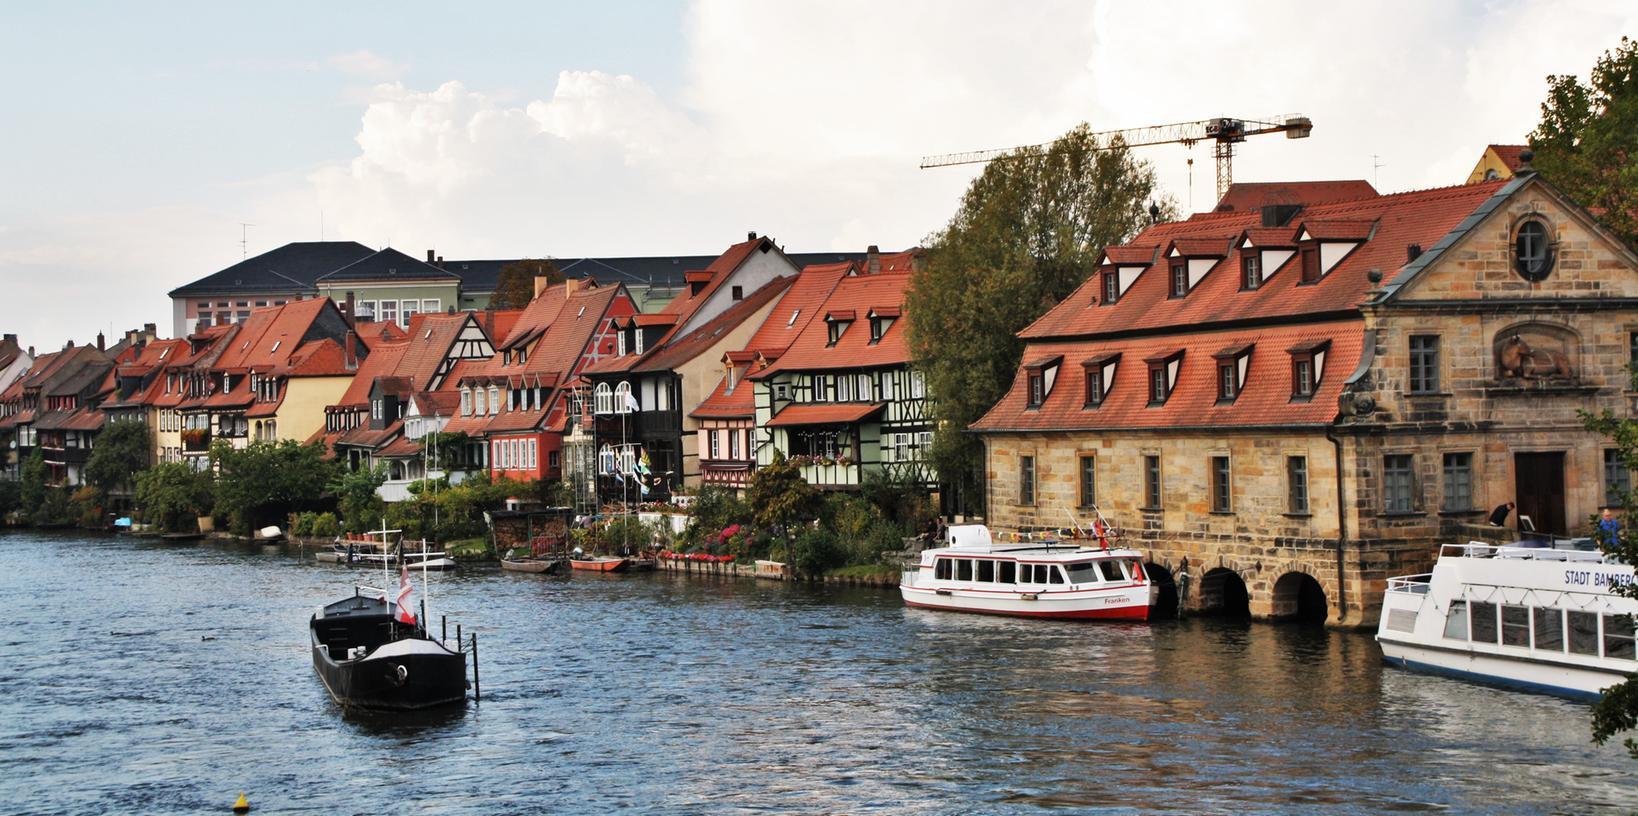 Der Blick von der Unteren Brücke auf ein Juwel Bambergs: Klein-Venedig.